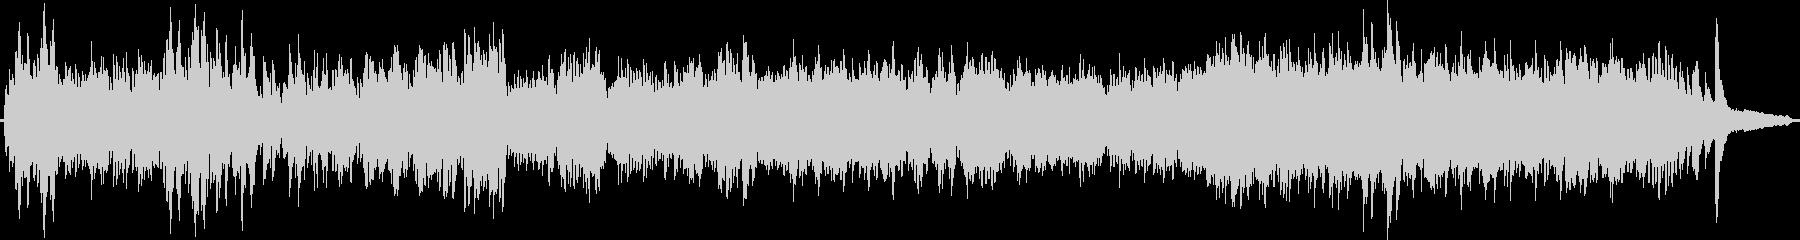 グノーのアベマリアの原曲をピアノ演奏での未再生の波形